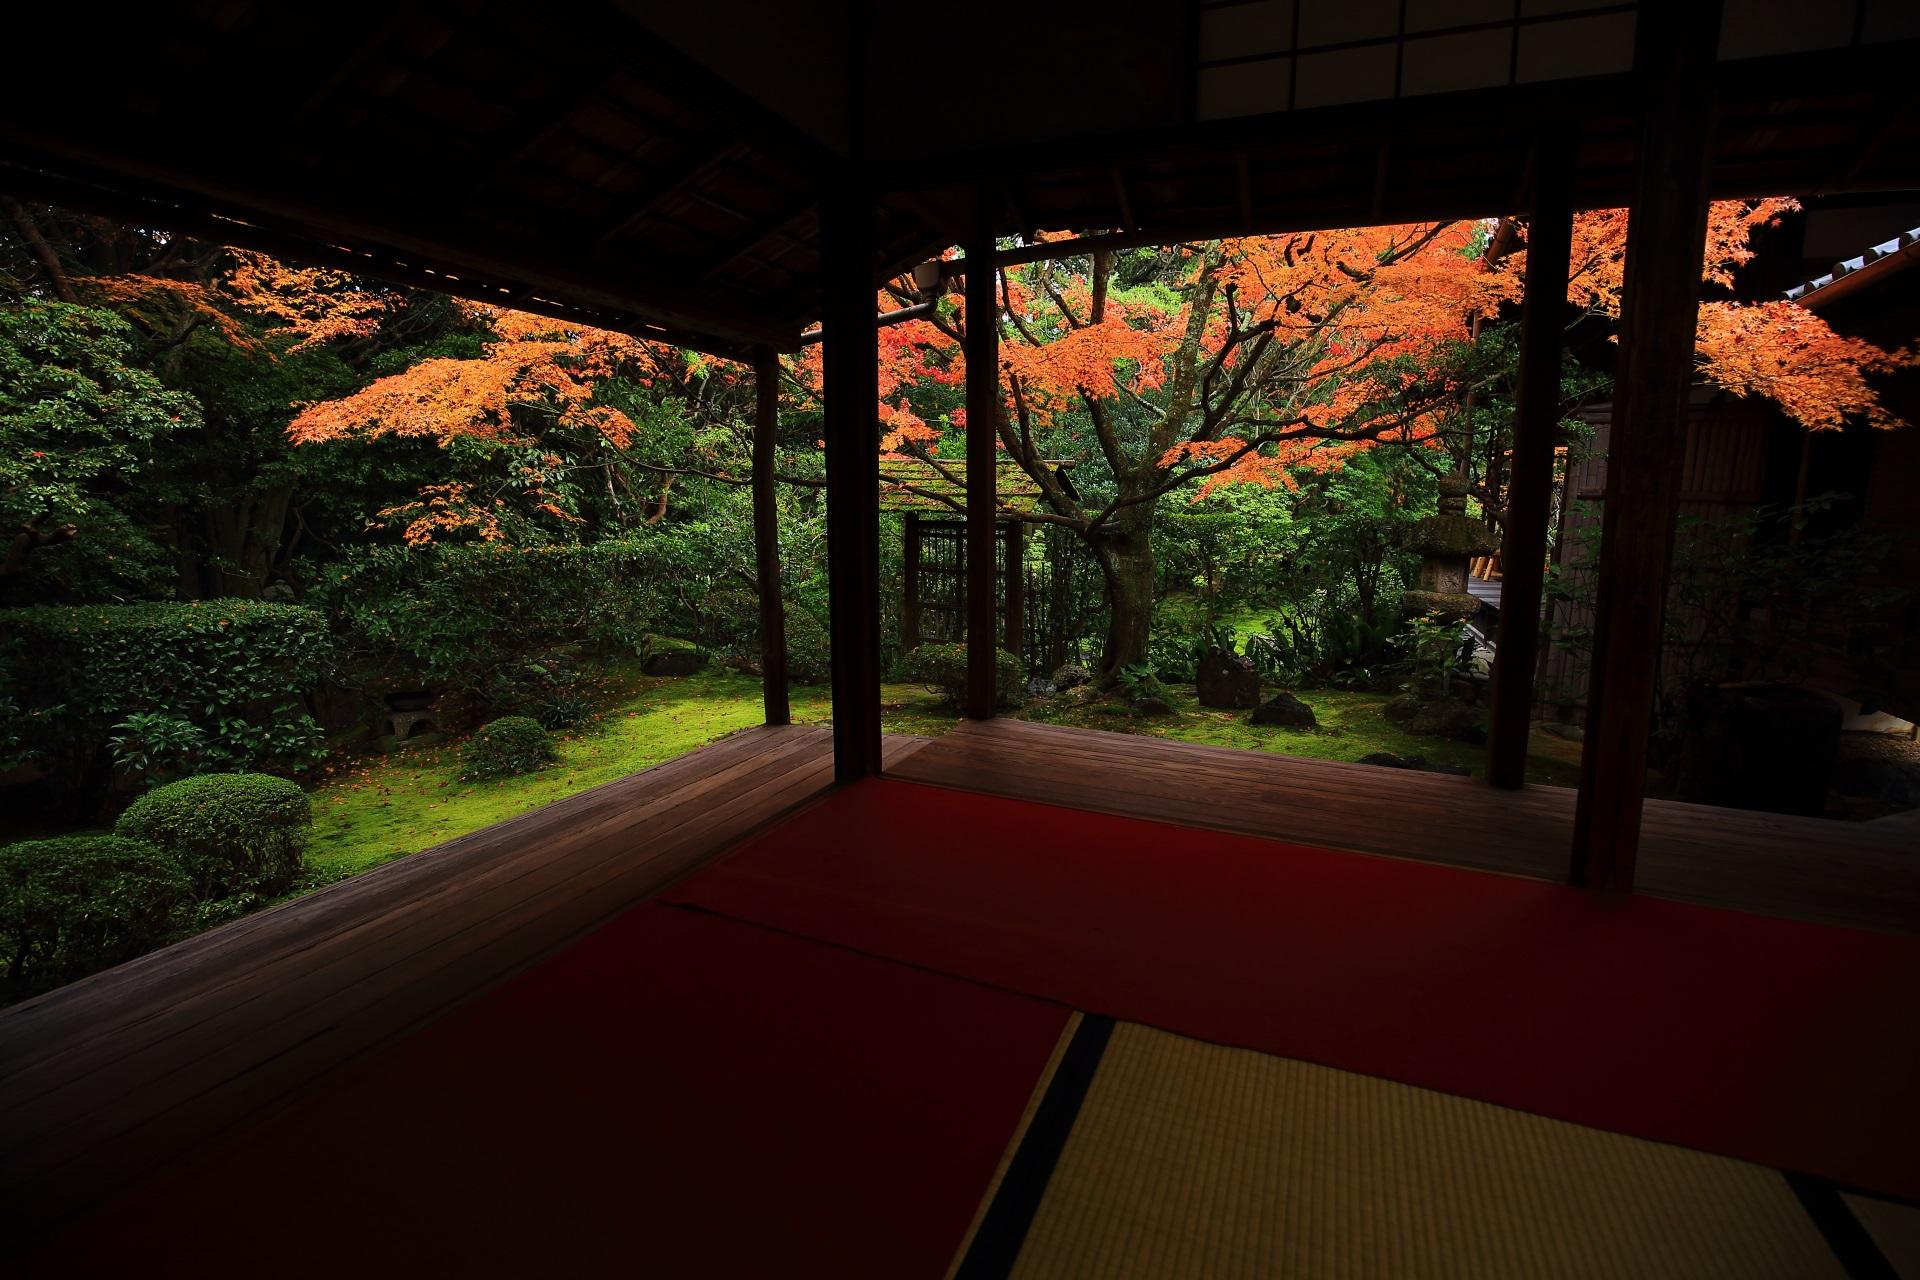 赤い絨毯が演出する美しい晩秋の紅葉